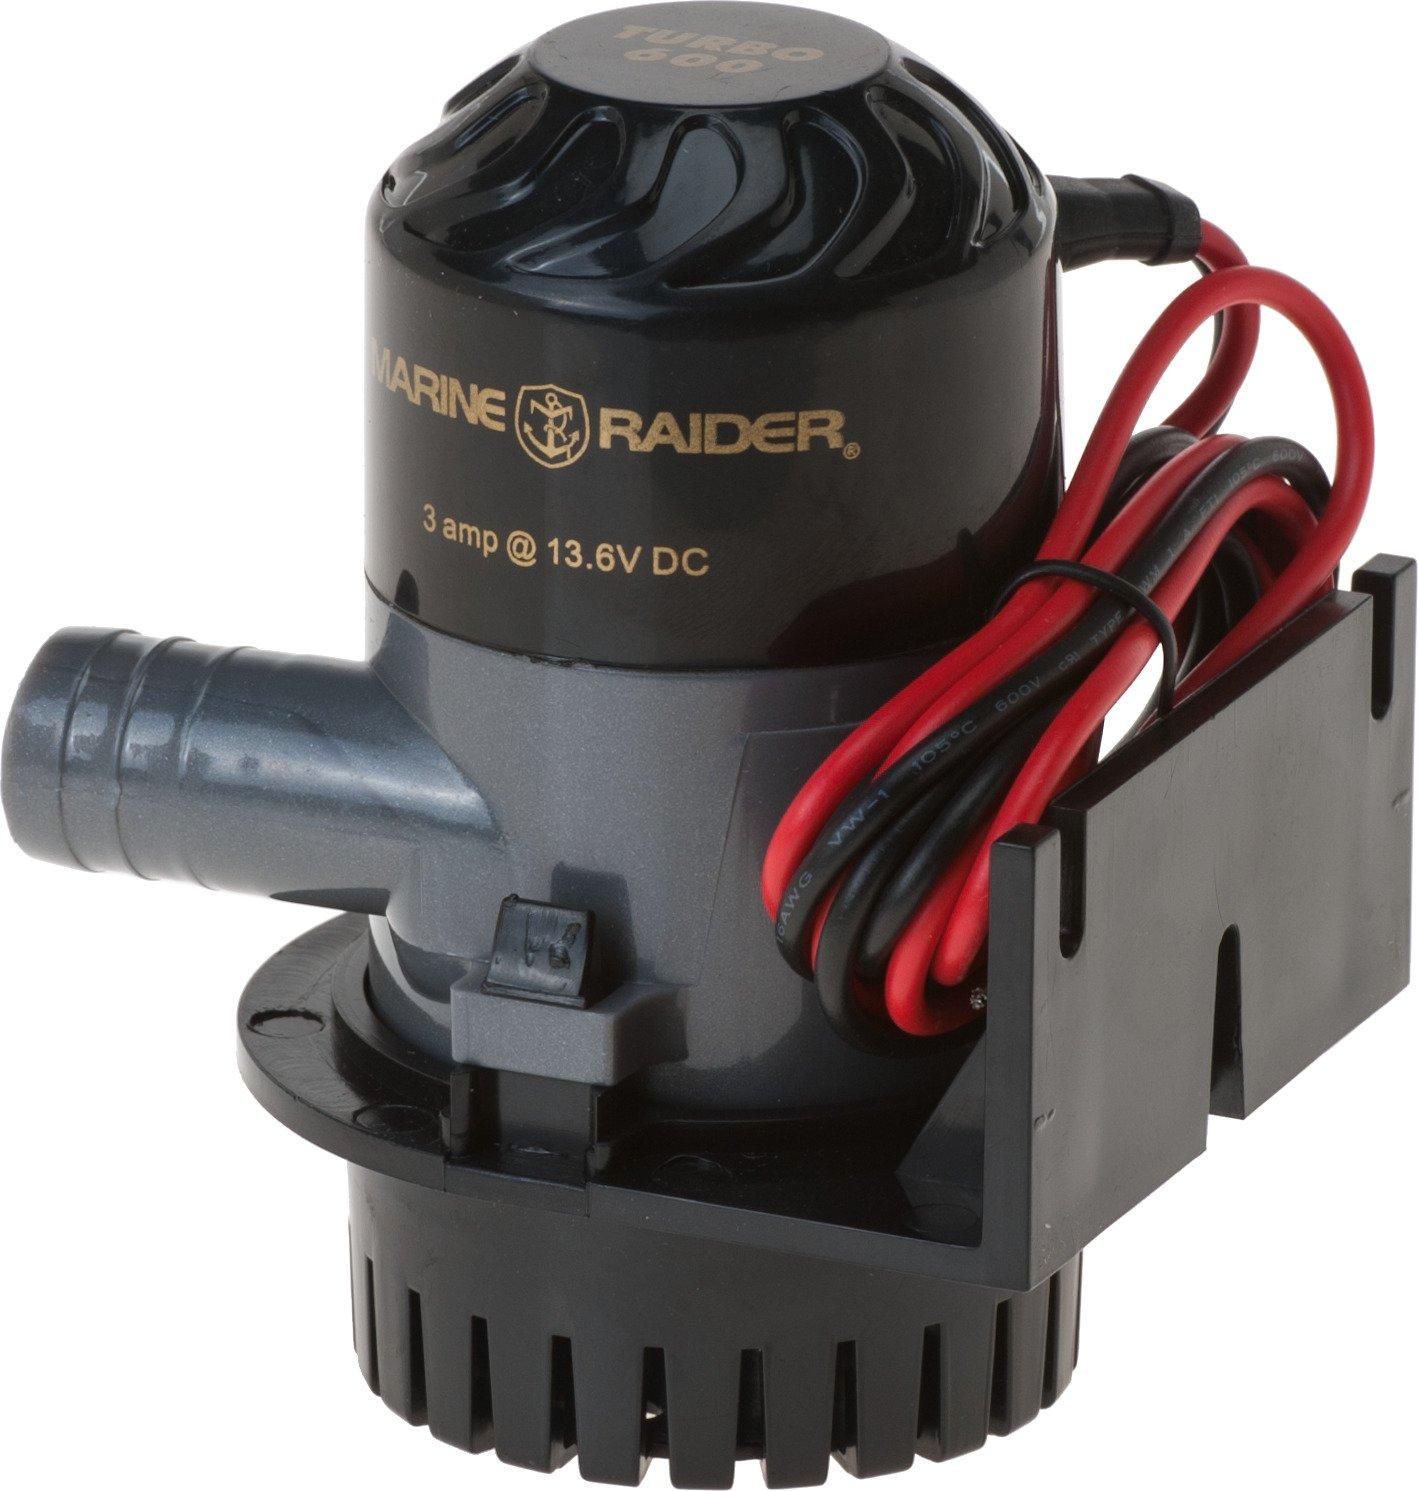 Marine Raider 600 Gph Bilge Pump